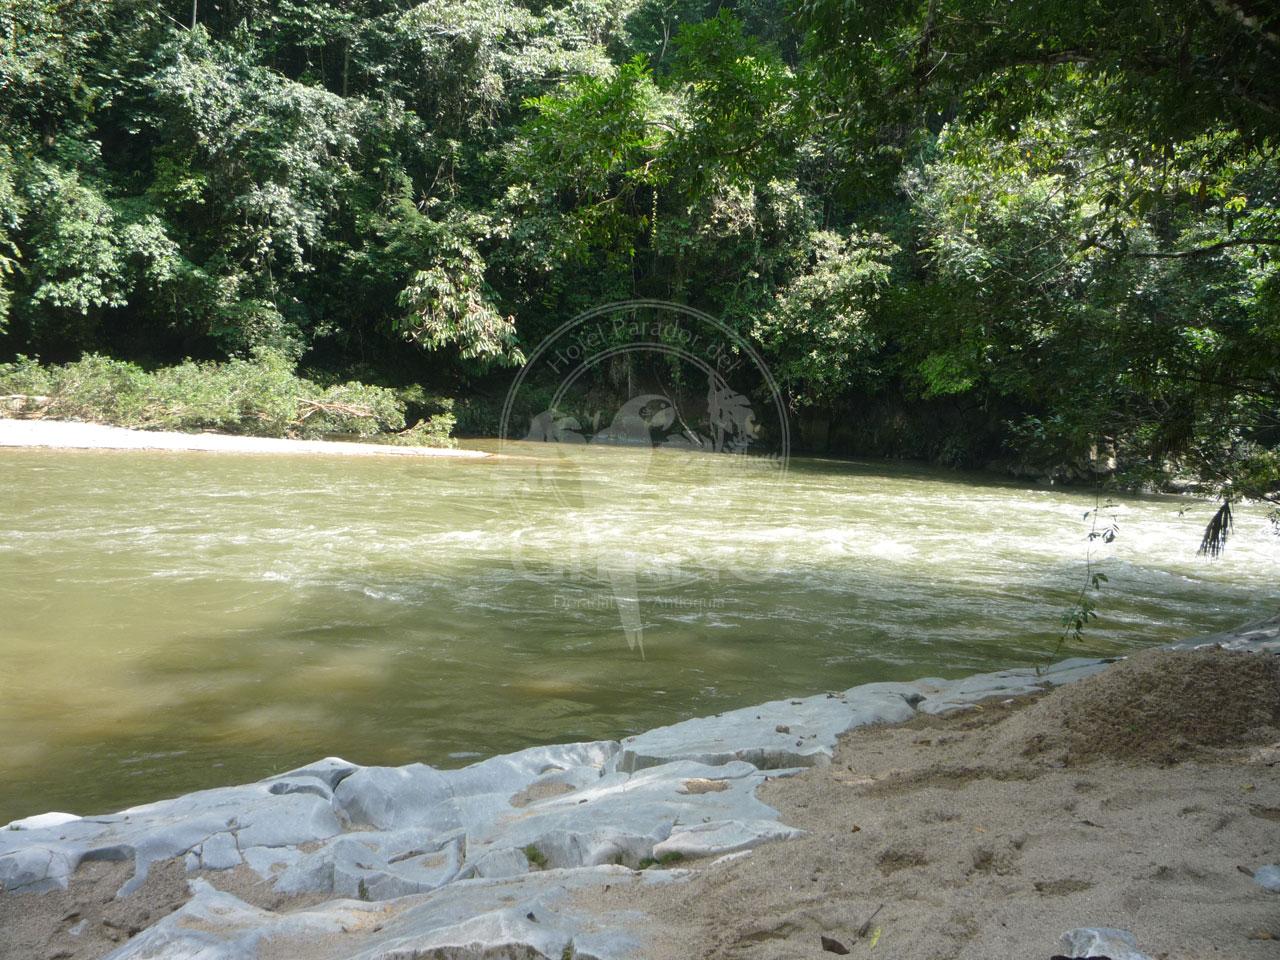 Descansa y disfruta a orillas del Río Claro - Hotel & Restaurante Parador del gitano - Nápoles - Doradal - Rio claro